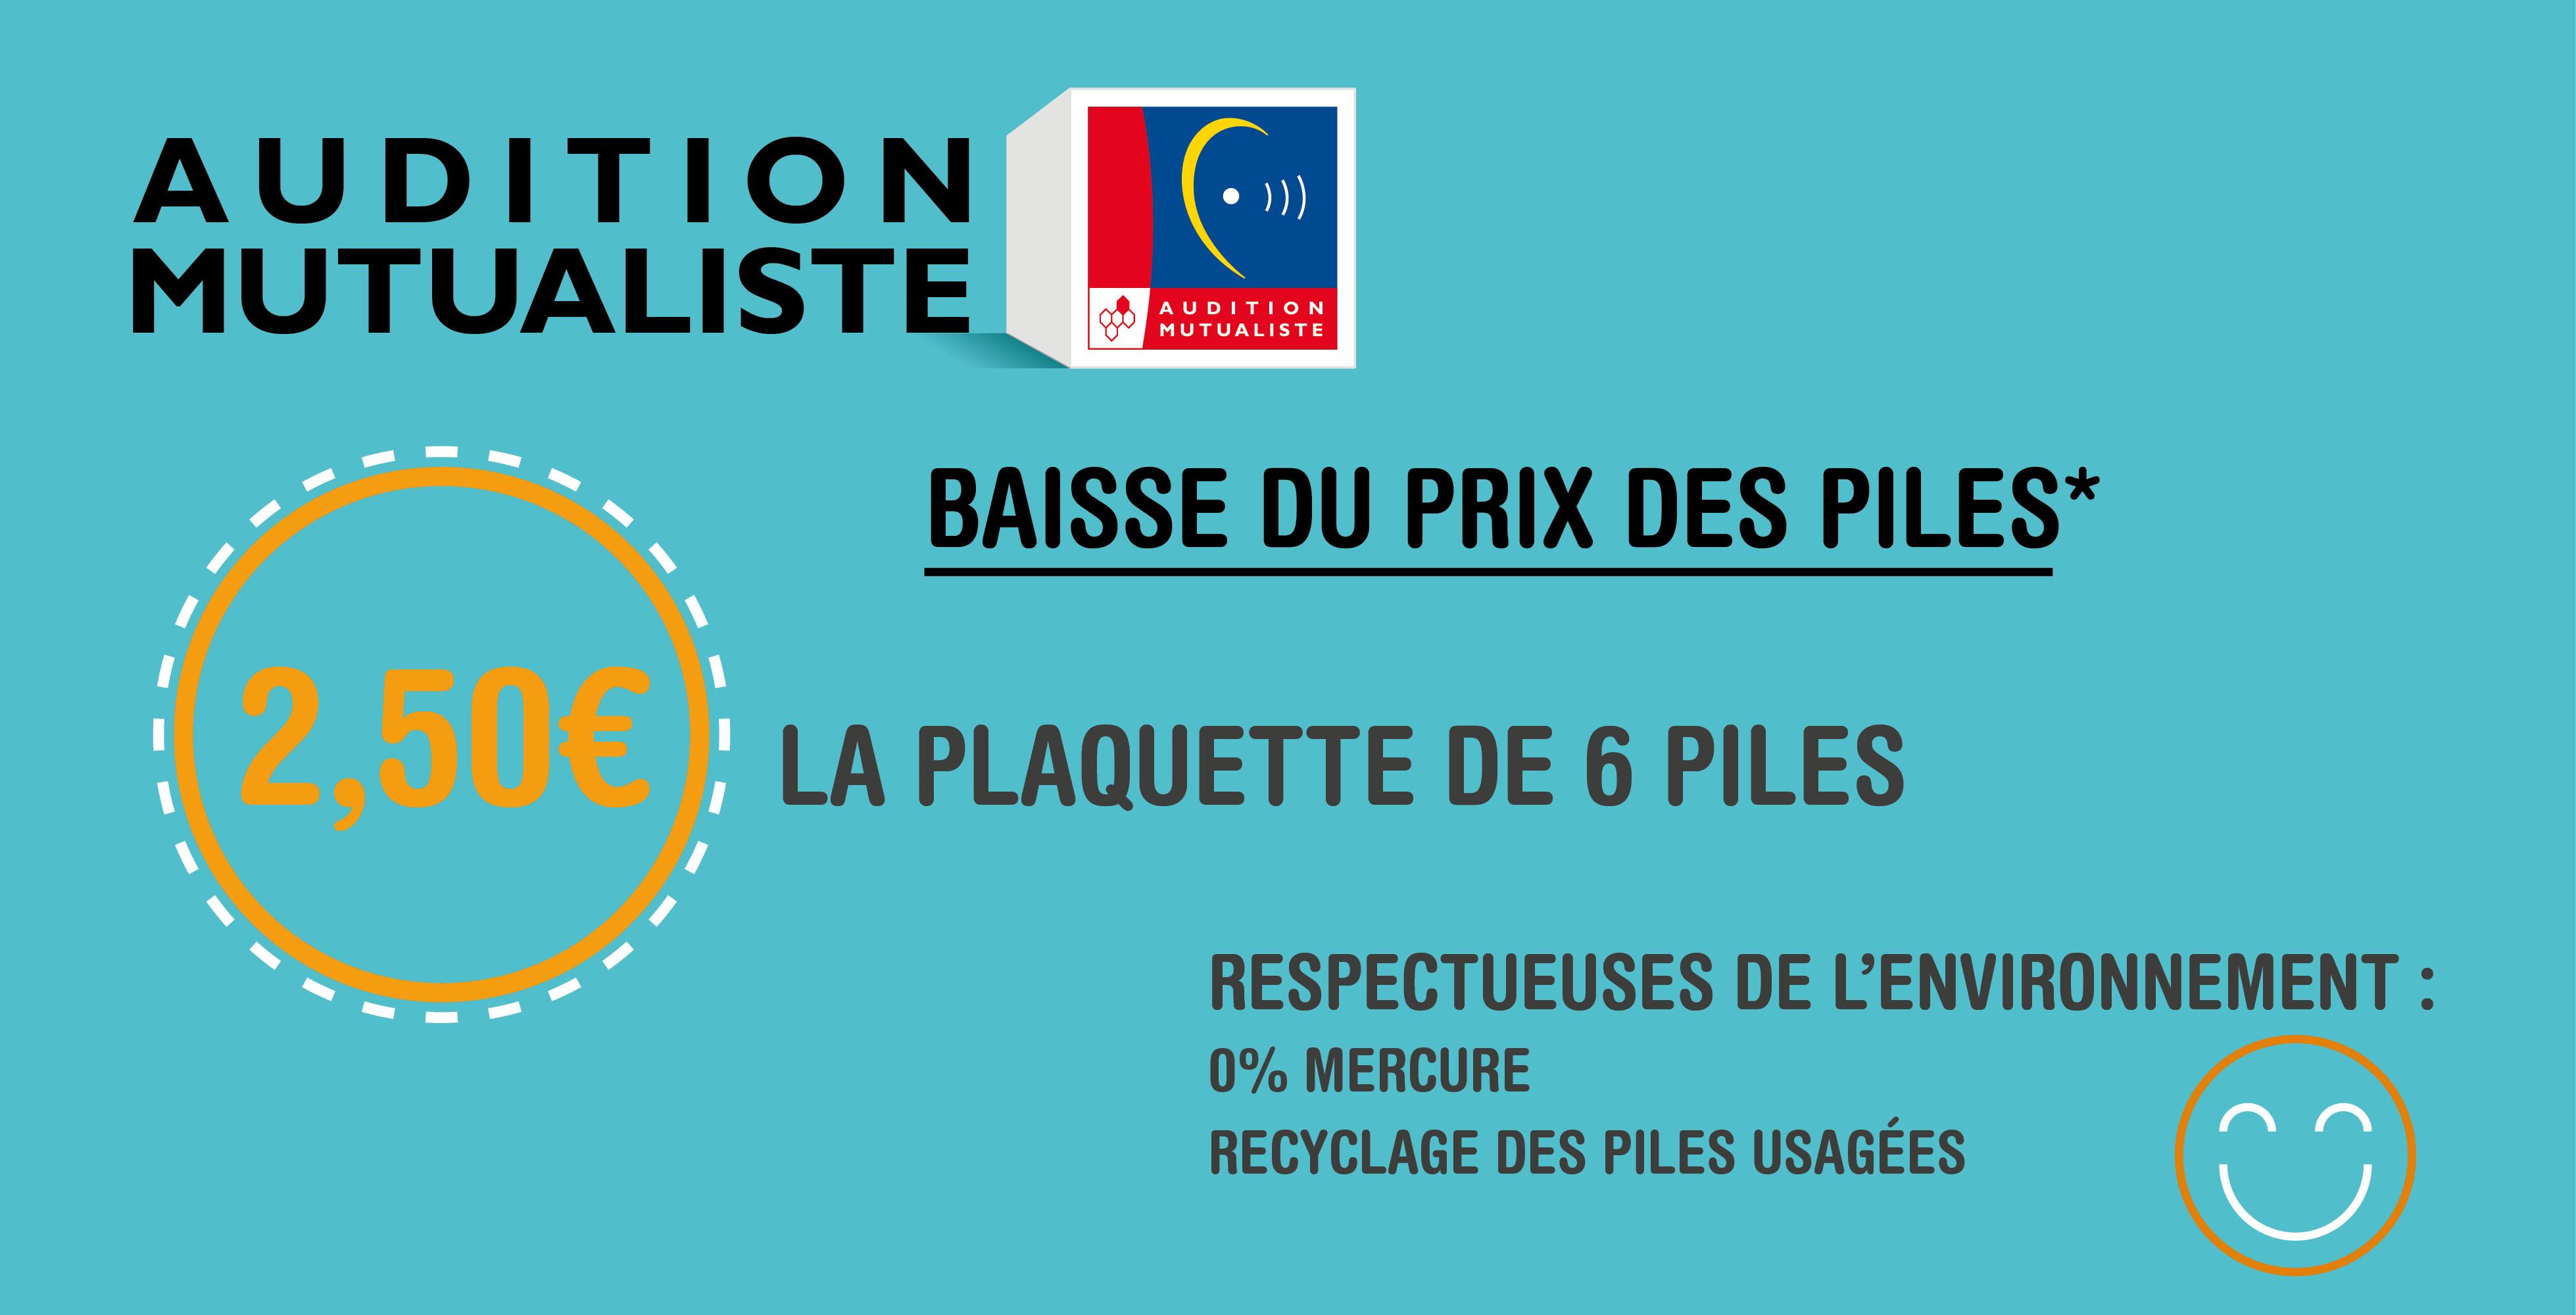 227f42c4e1bfaa A partir du mois de janvier 2019, et valable dans tous nos centres    Bayonne, Boucau, Cambo les Bains, Mauléon, Orthez, Pau Lons et Saint Jean  de Luz.